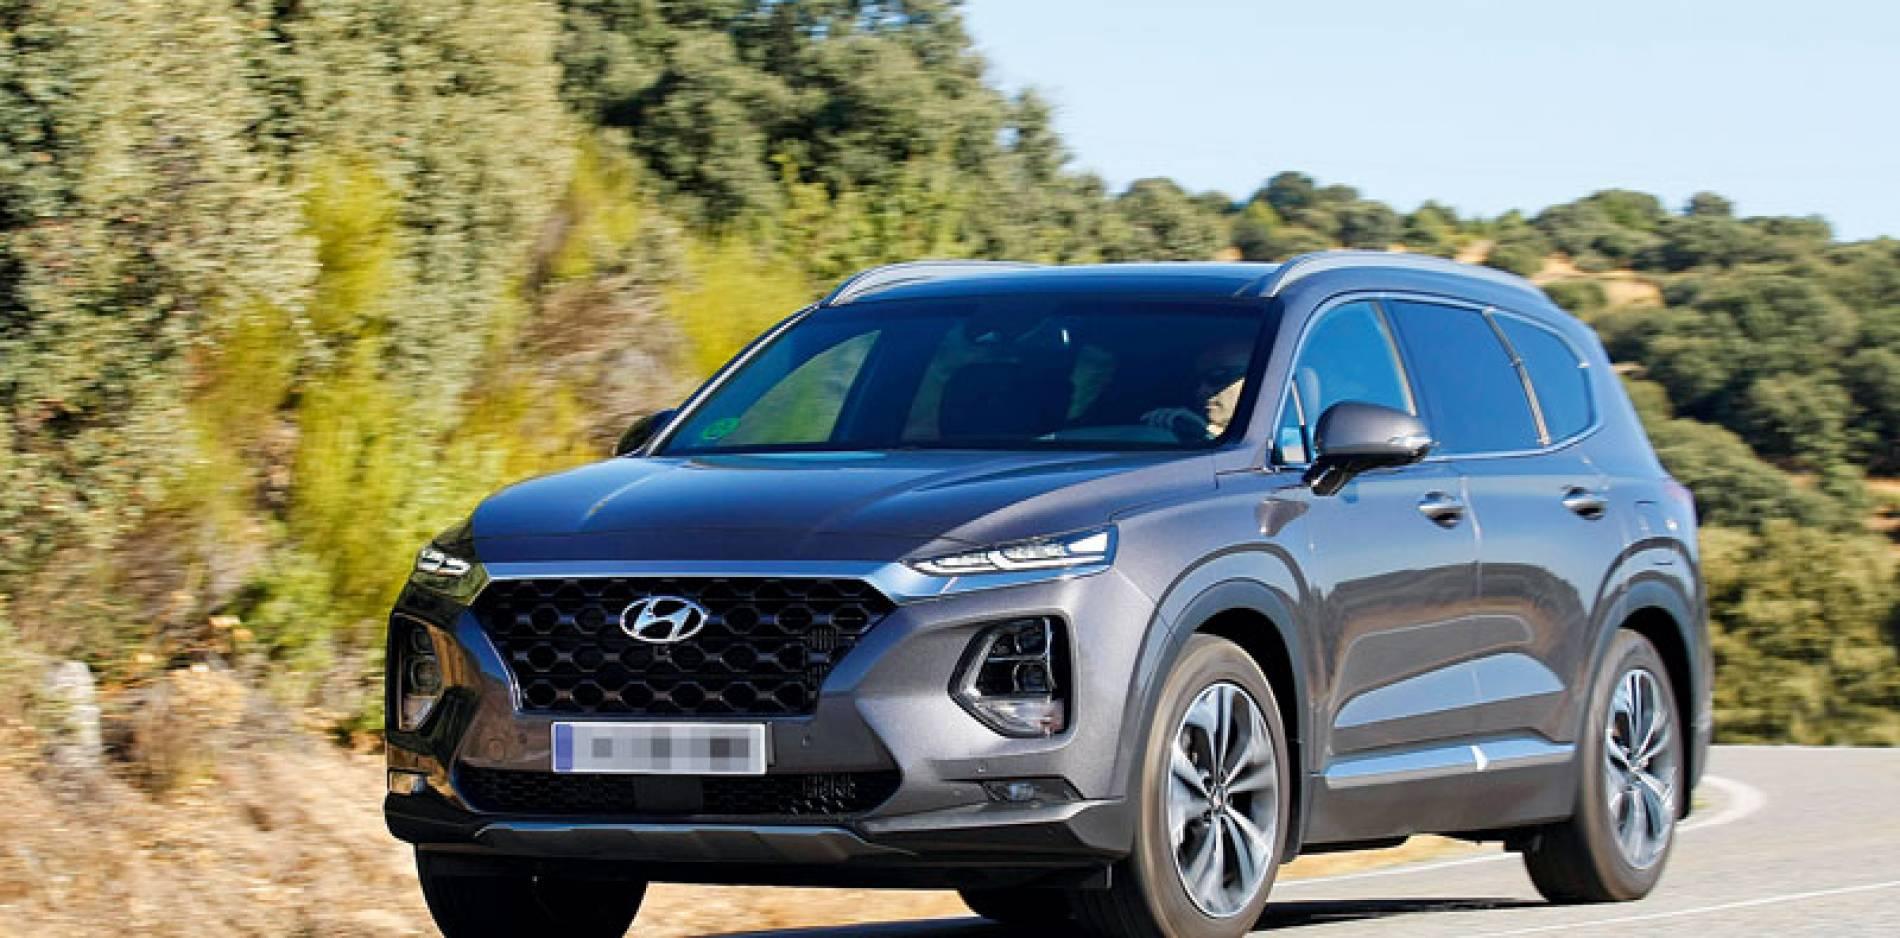 Prueba del Hyundai Santa Fe: evolución natural